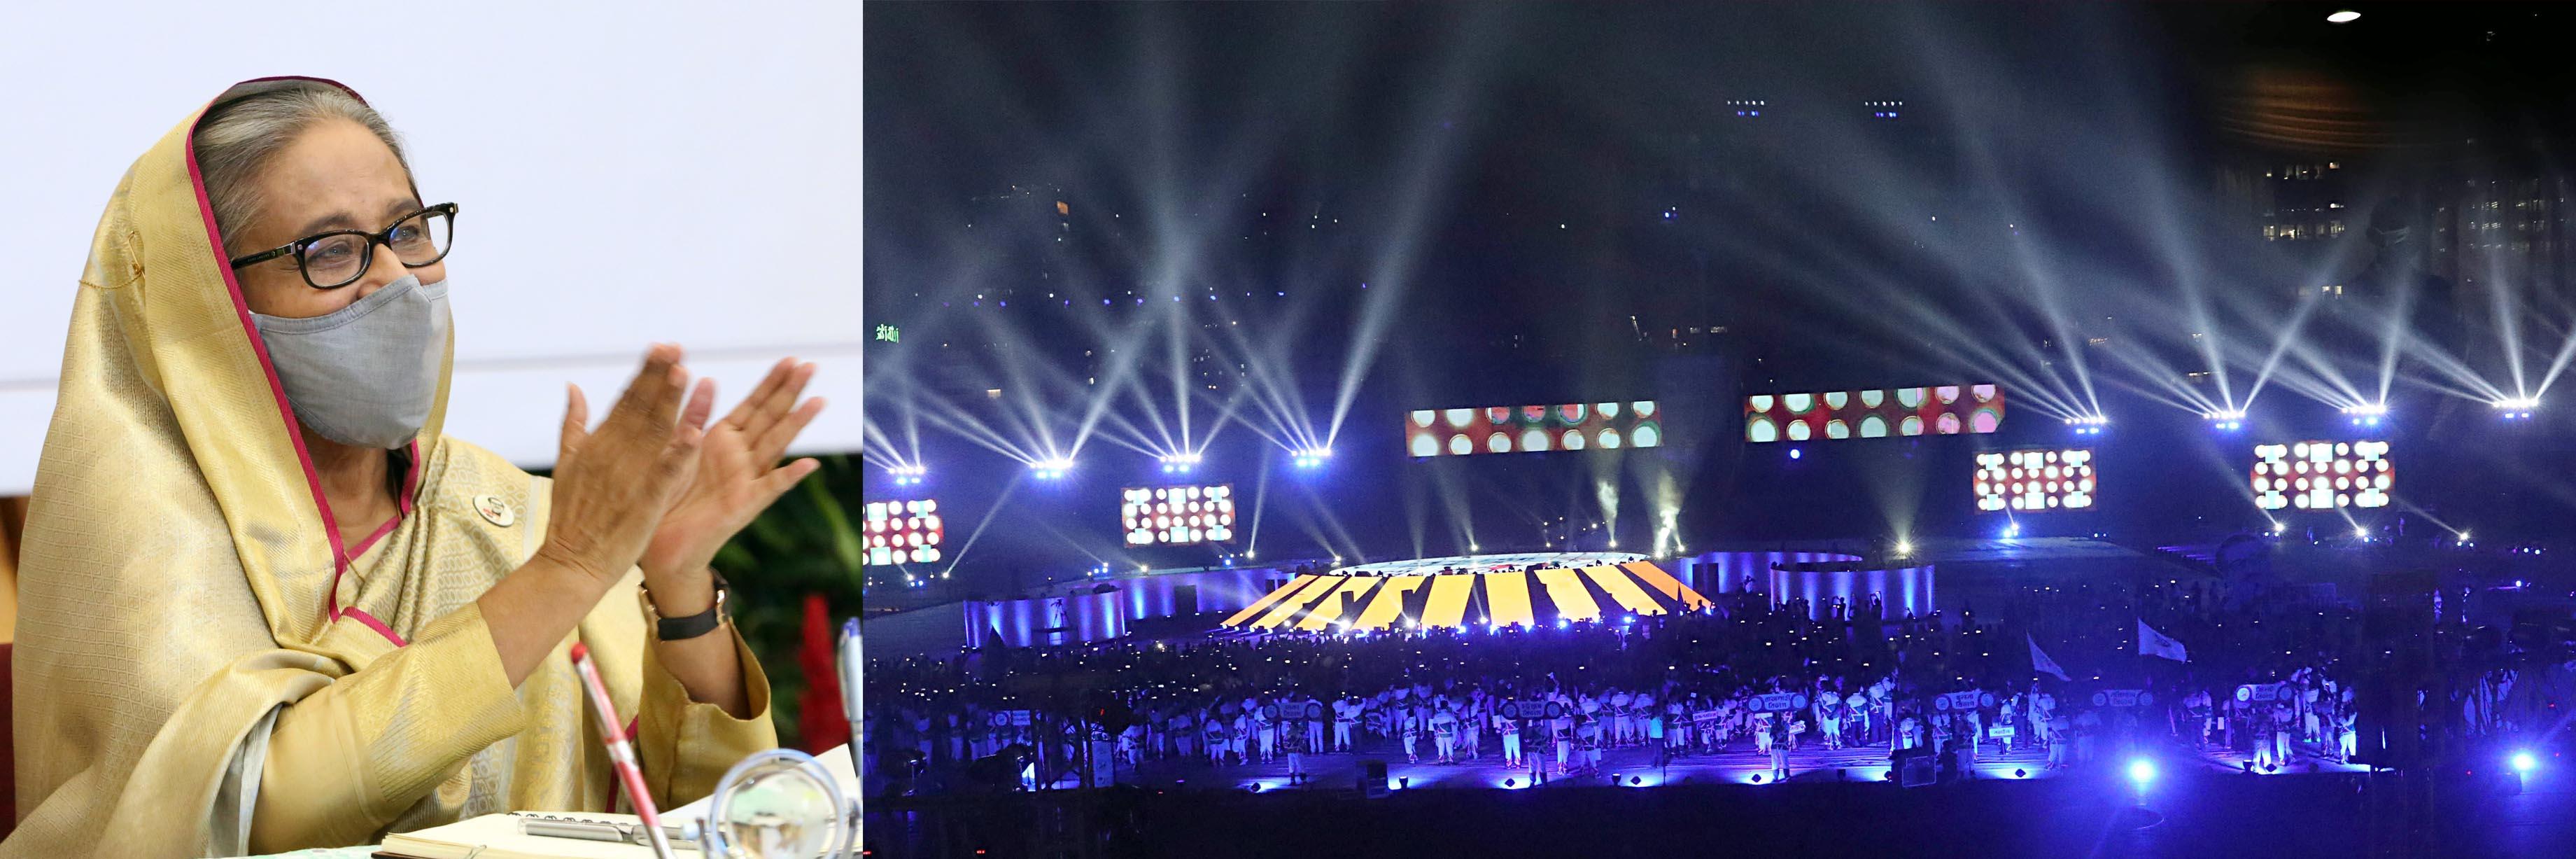 বঙ্গবন্ধু ৯ম বাংলাদেশ গেমস্ ২০২০ উপলক্ষে প্রধানমন্ত্রীর ভাষণ